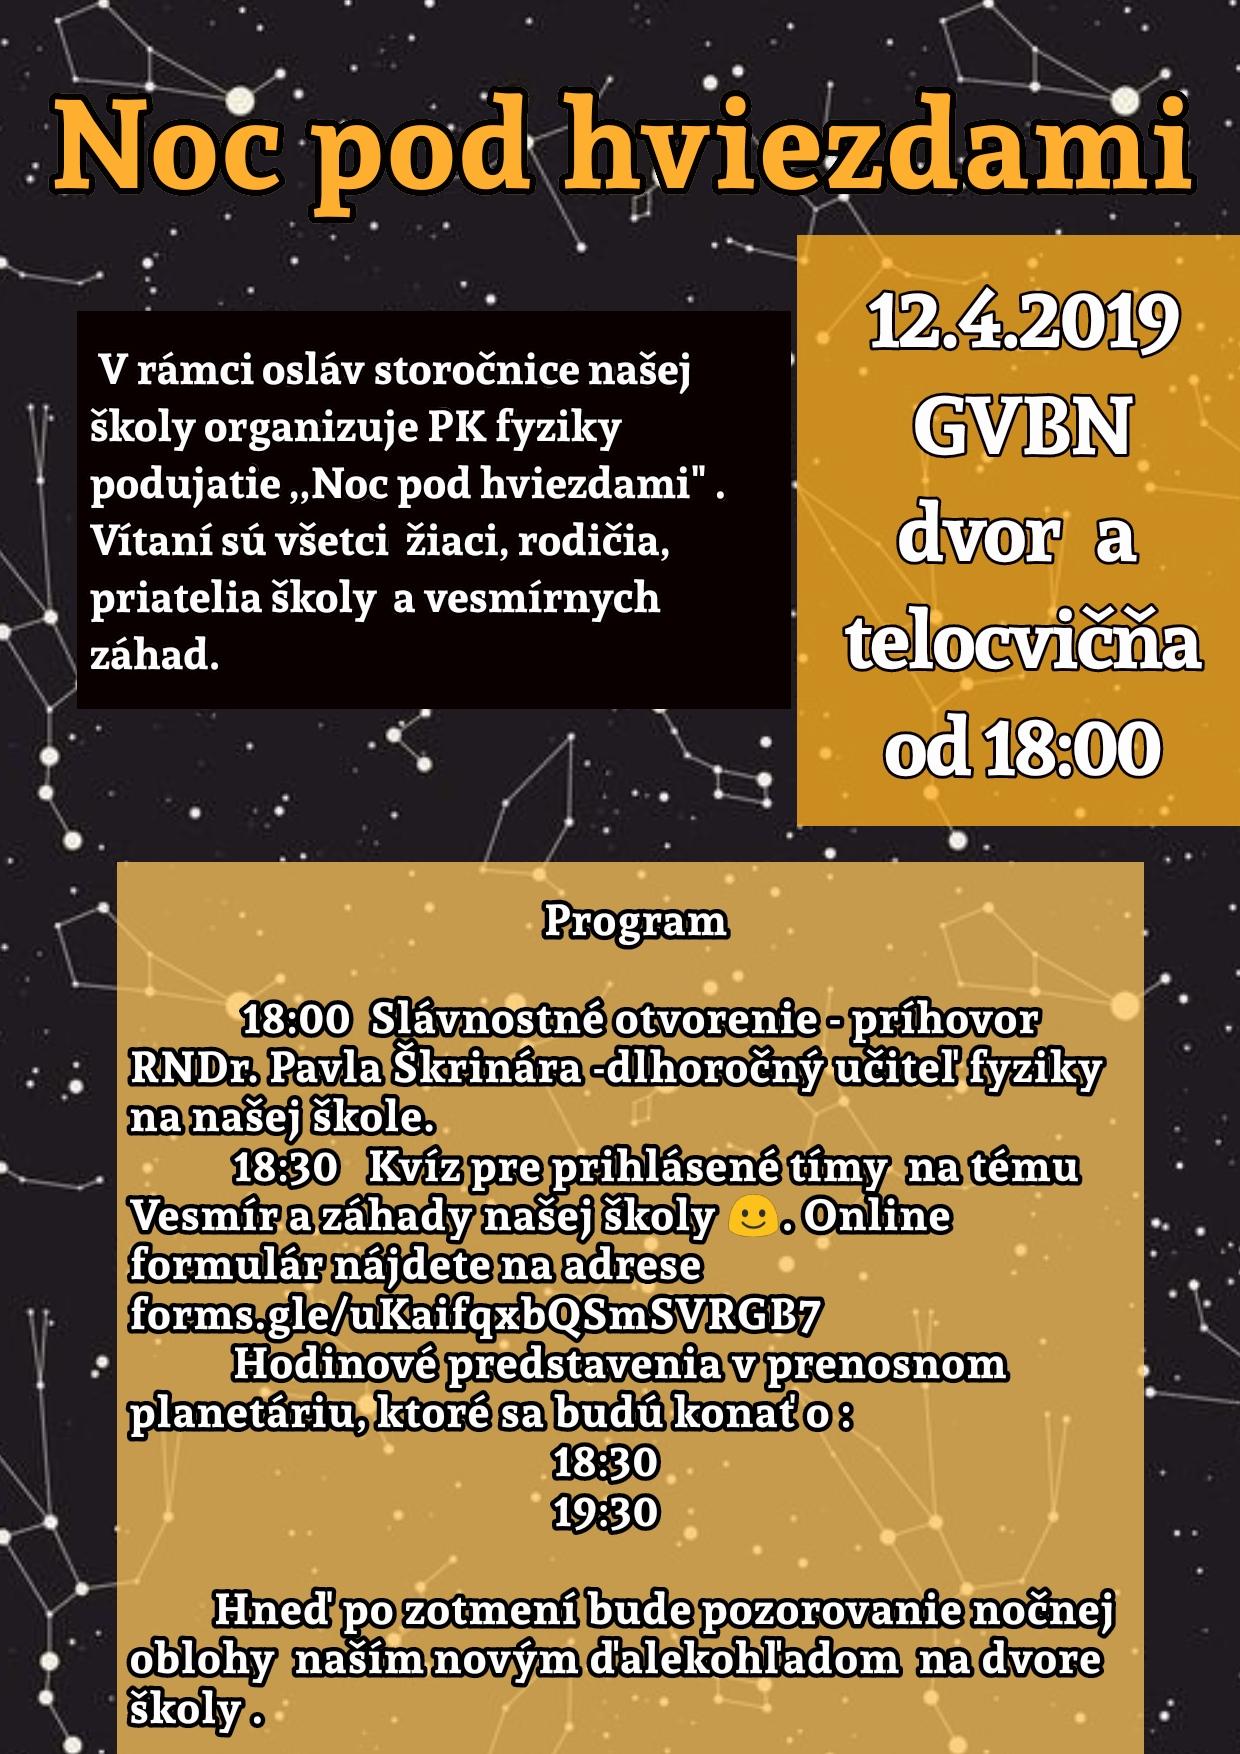 aba1d09f9c98 V piatok 12. apríla pre vás predmetová komisia fyziky pripravila v rámci  osláv storočnice našej školy podujatie s názvom Noc pod hviezdami.